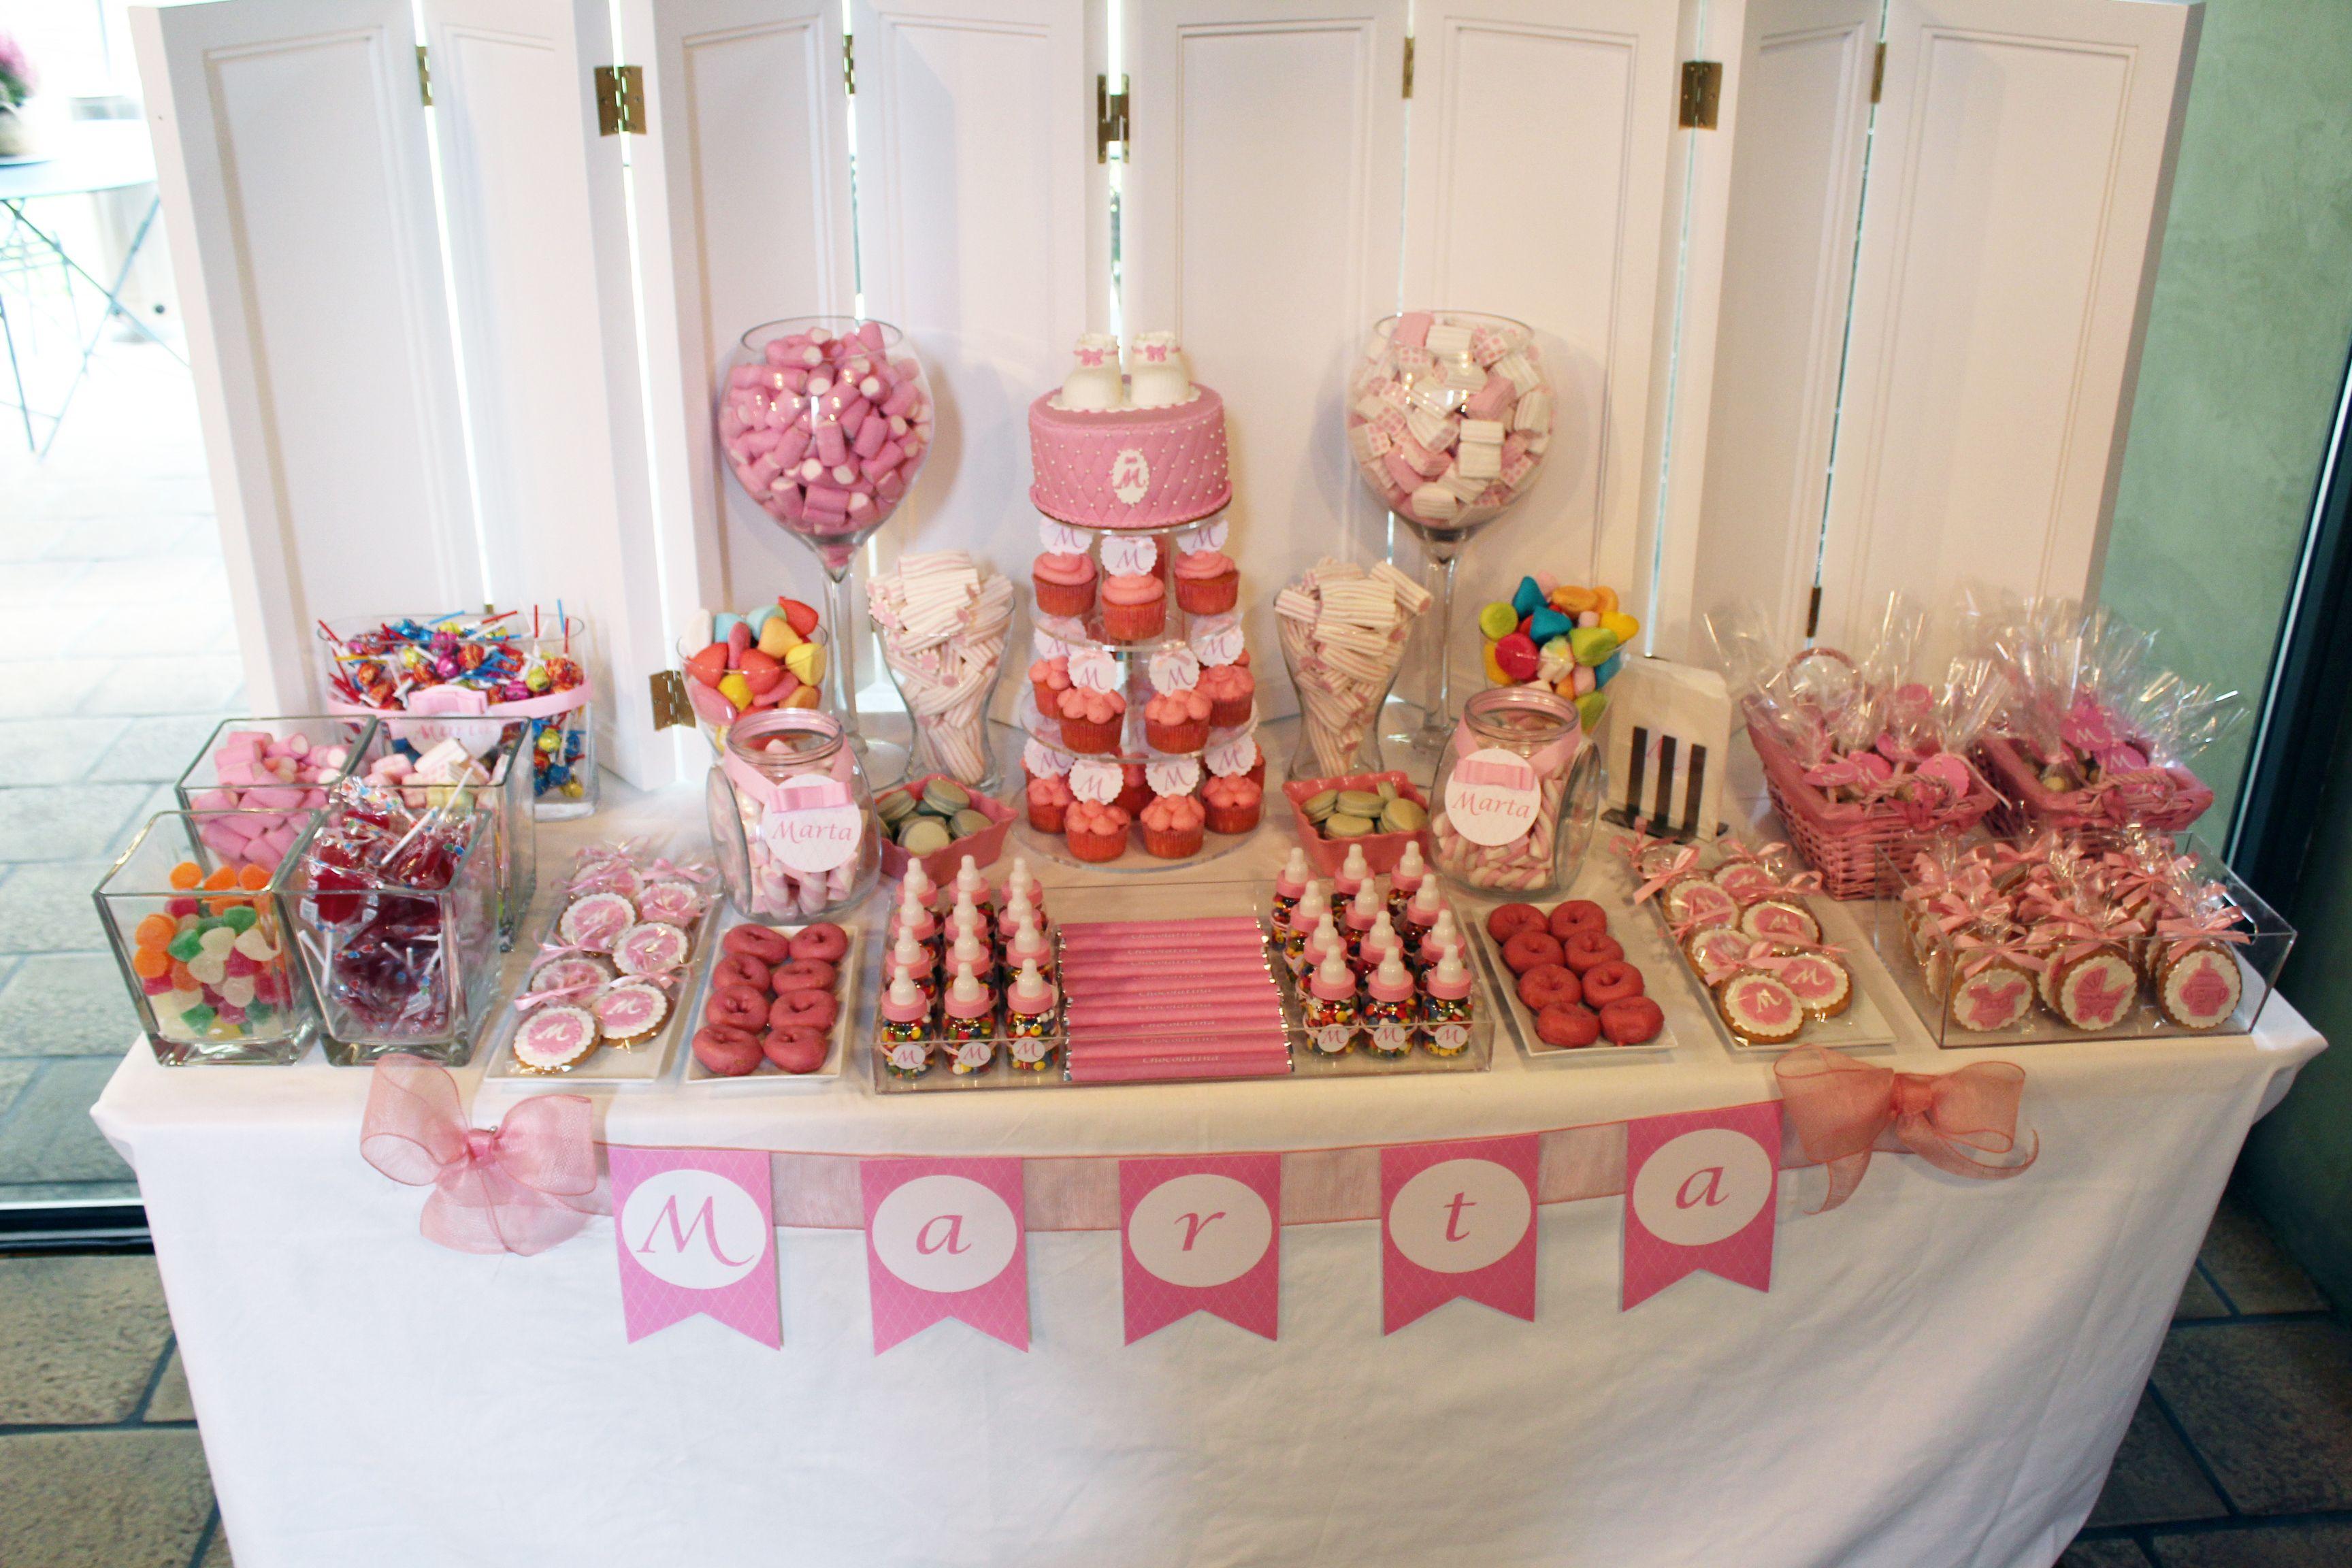 Mesa dulce bautizo ni a en tonos rosas ideas bautizo - Mesa de chuches para bautizo ...